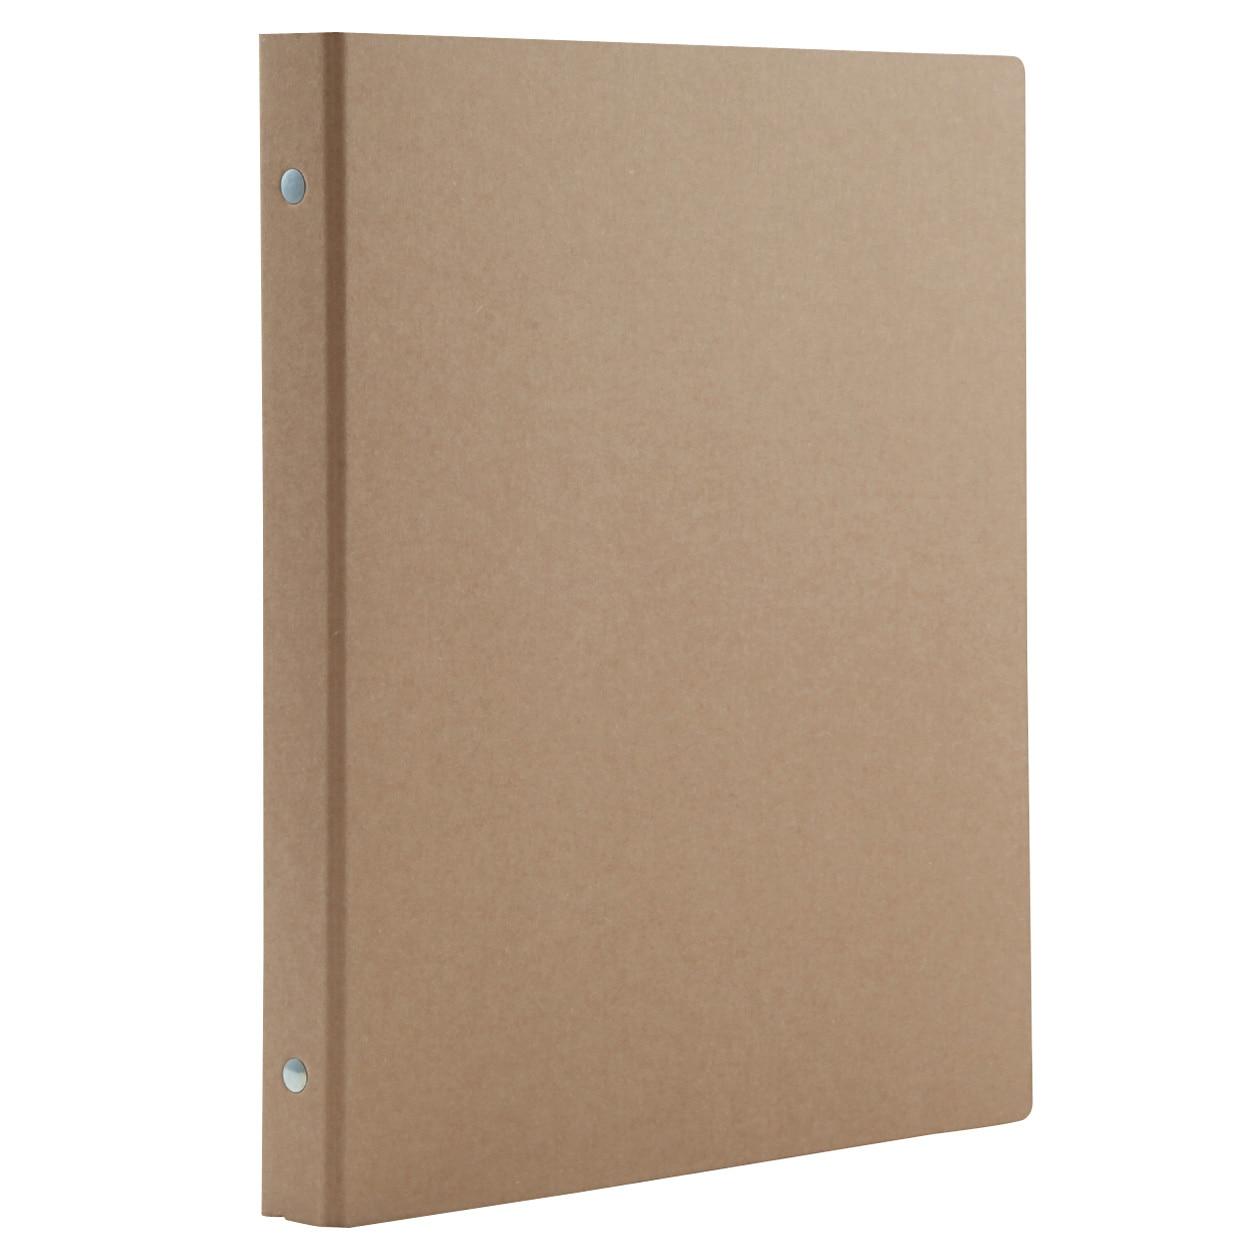 再生紙バインダーB5・26穴・ベージュ 通販